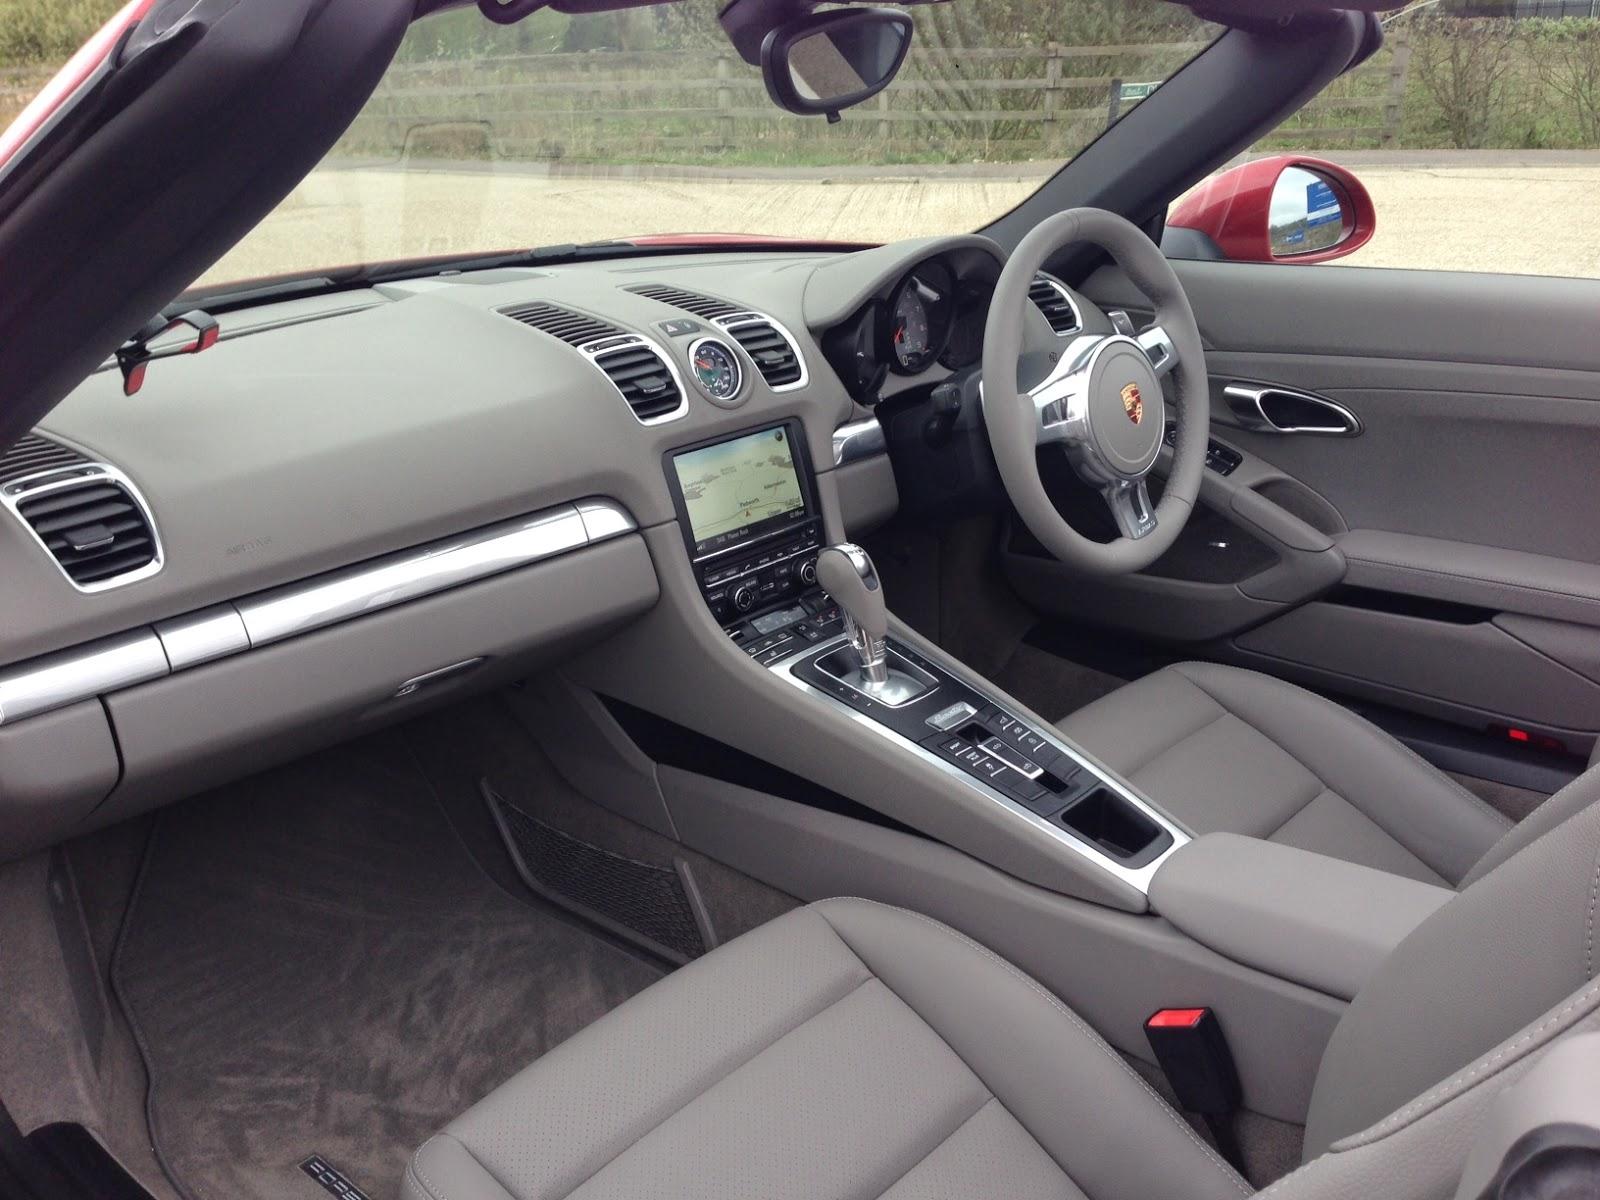 2014 Porsche Boxster S interior